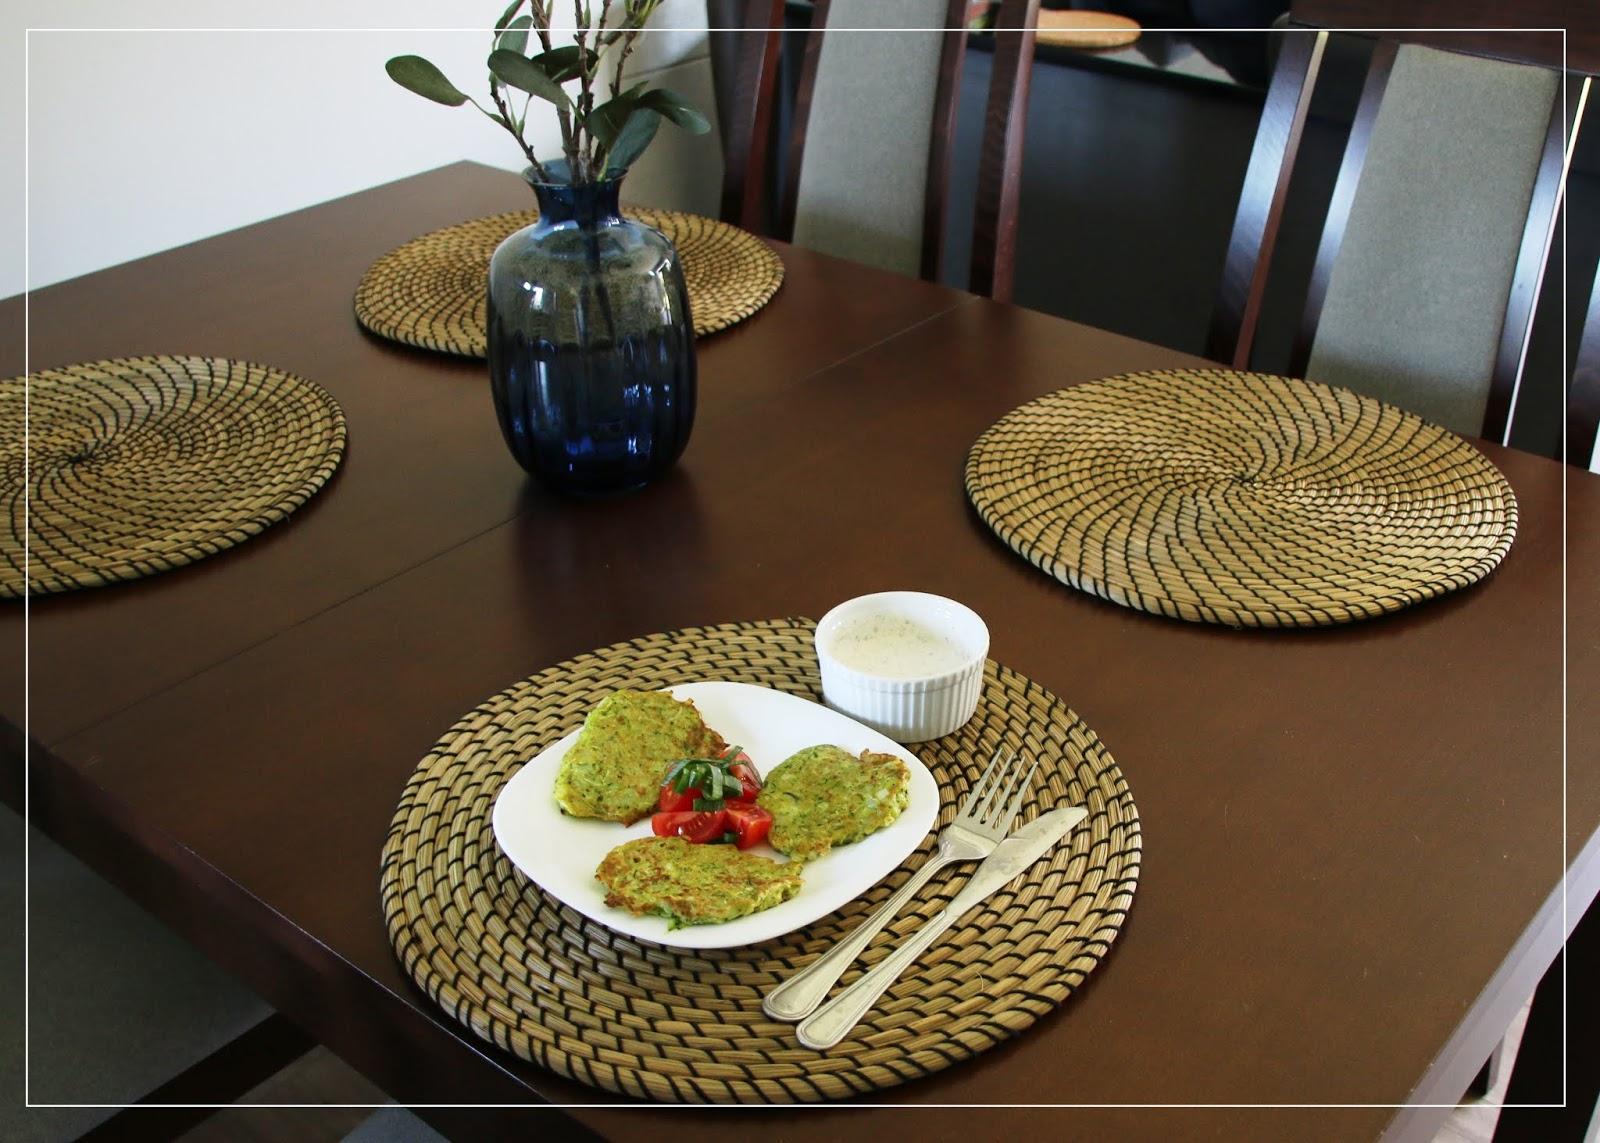 Kuchnia roślinna w prostej odsłonie. Przepis na placki z cukinii.